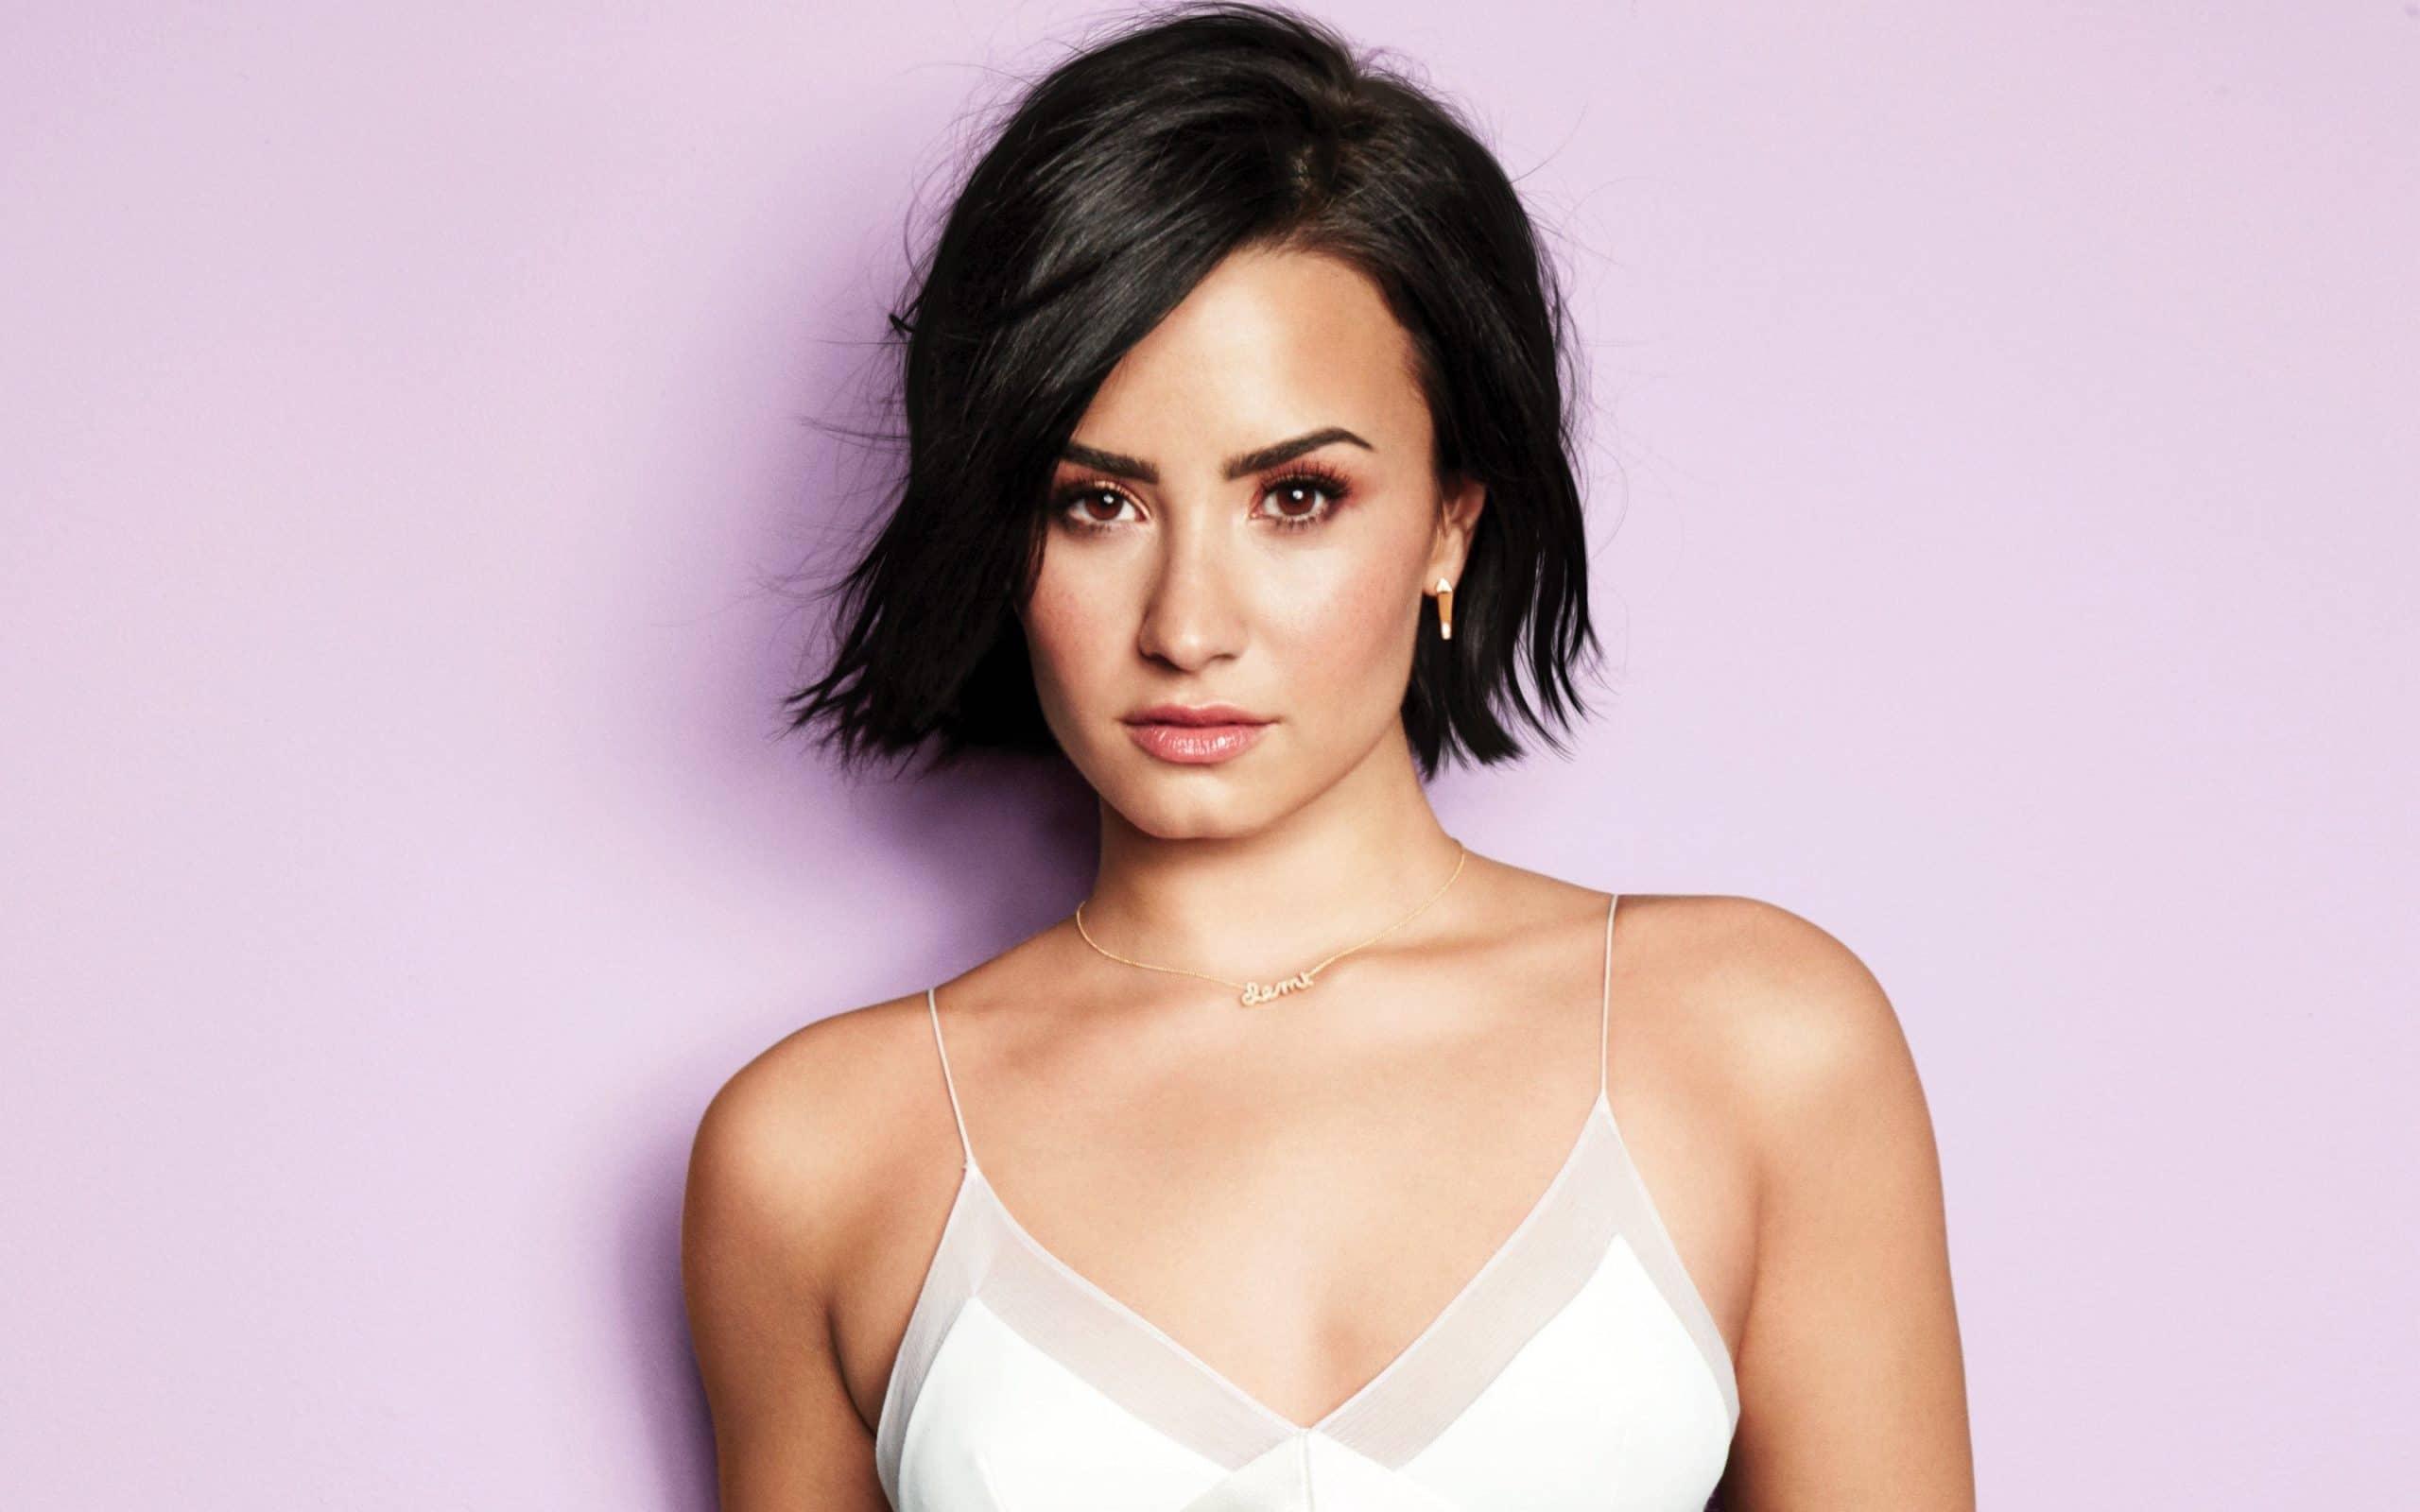 Demi Lovato doll